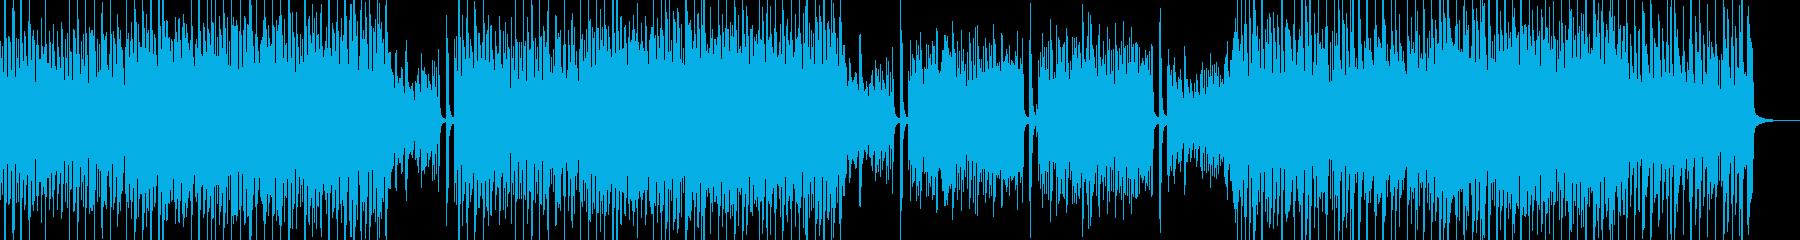 シンプル&スマートなポップス・ベース無の再生済みの波形